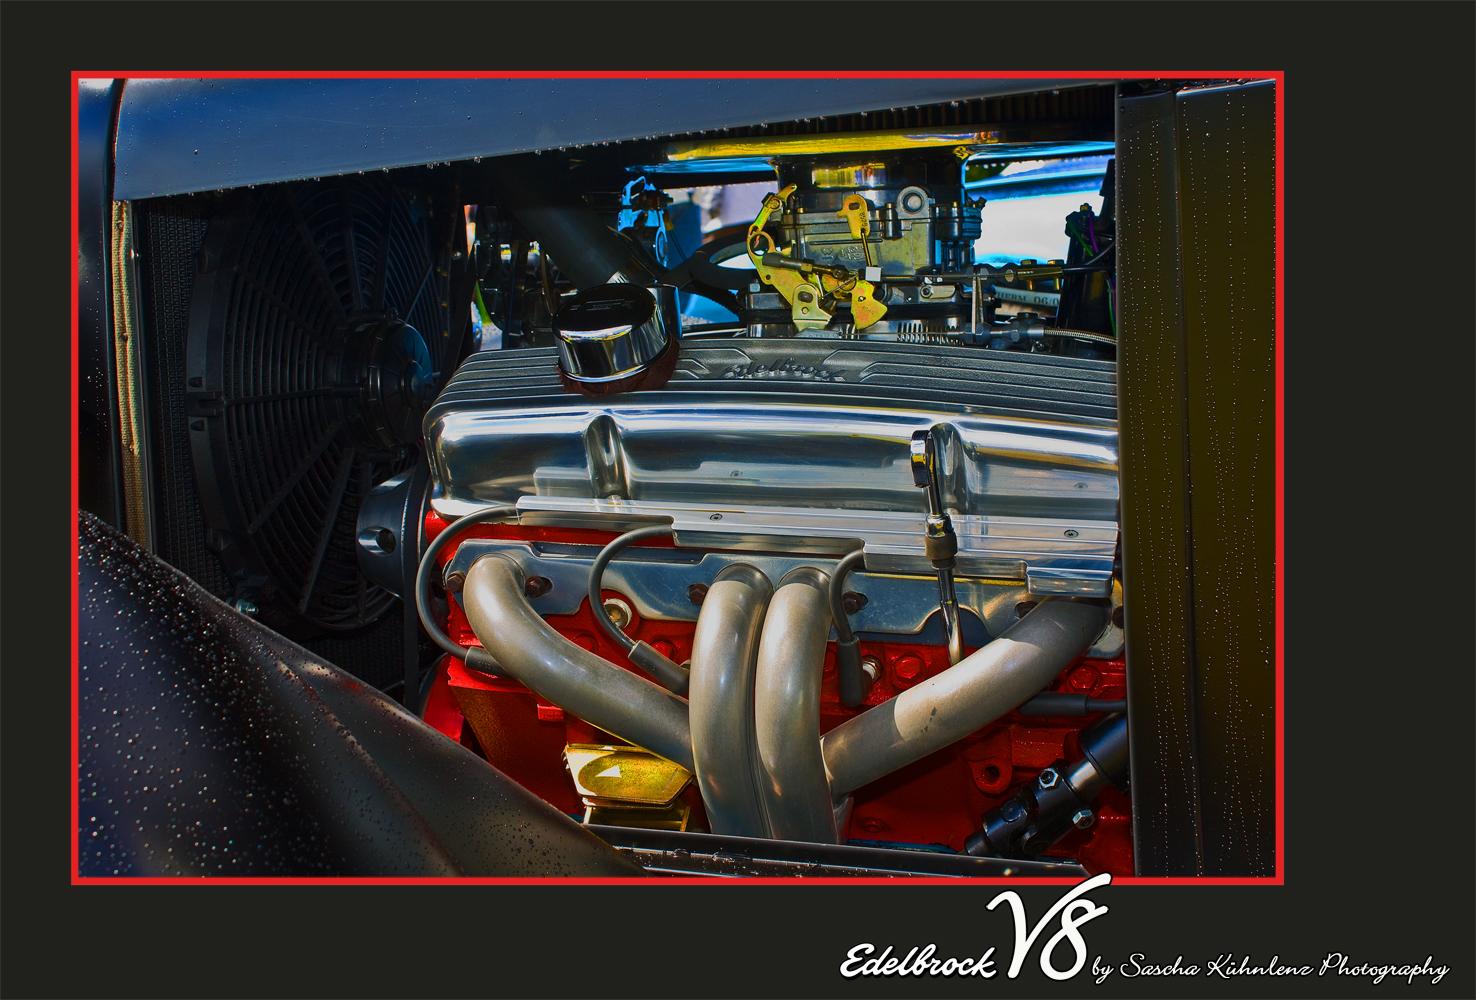 Edelbrock V8